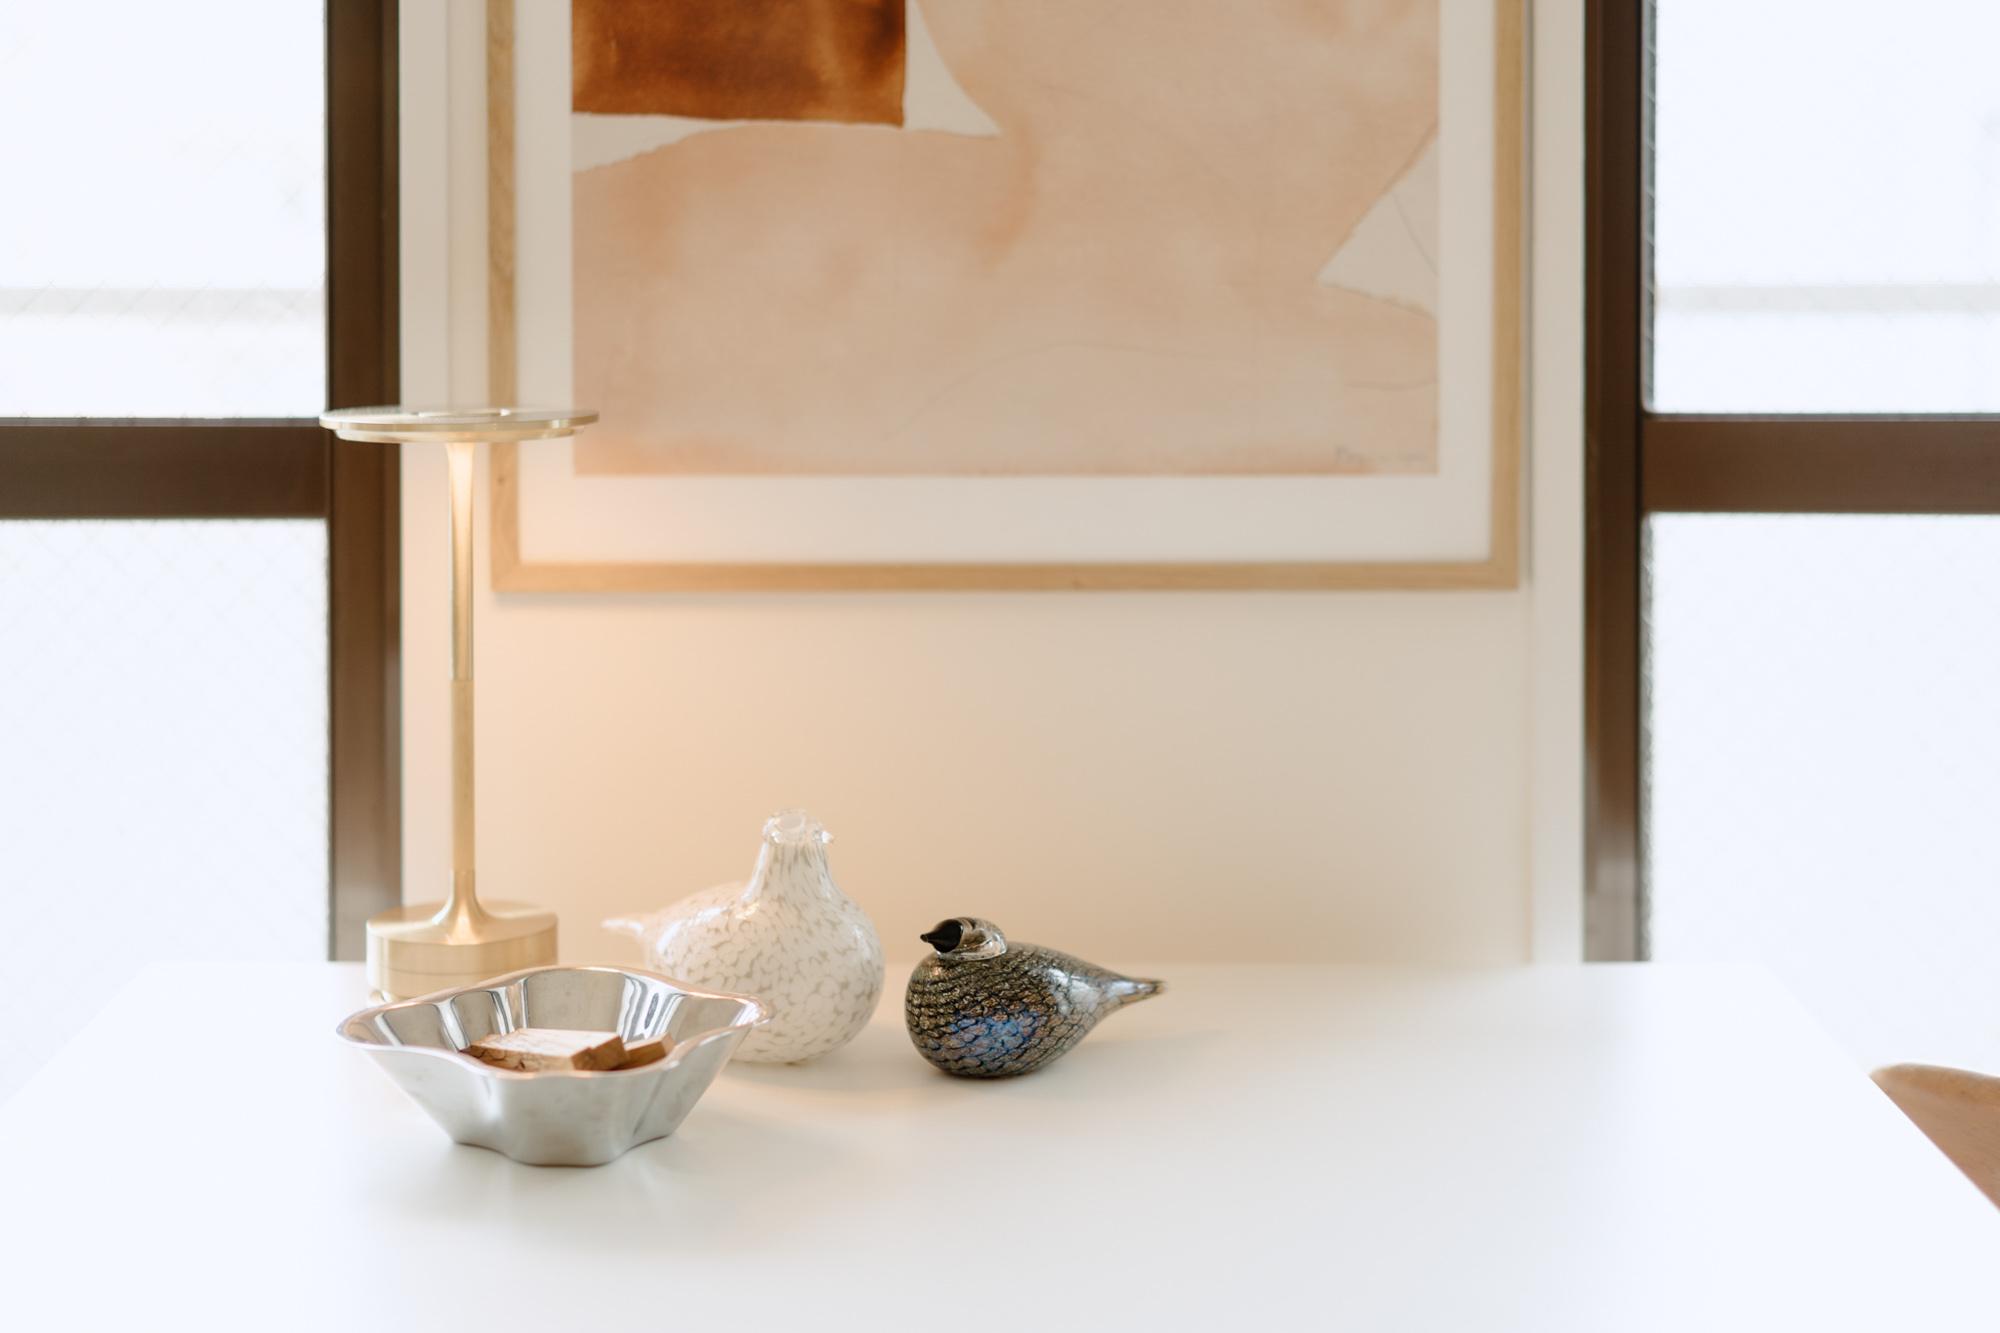 テーブルの上、イッタラのバードの横に置かれているのは、Ambientecの「TURN」。天面に触れることで灯りの表情が変わる不思議な照明。コードレスで、食事の際はテーブルの真ん中に置いたり、持ち運んでも使えます。